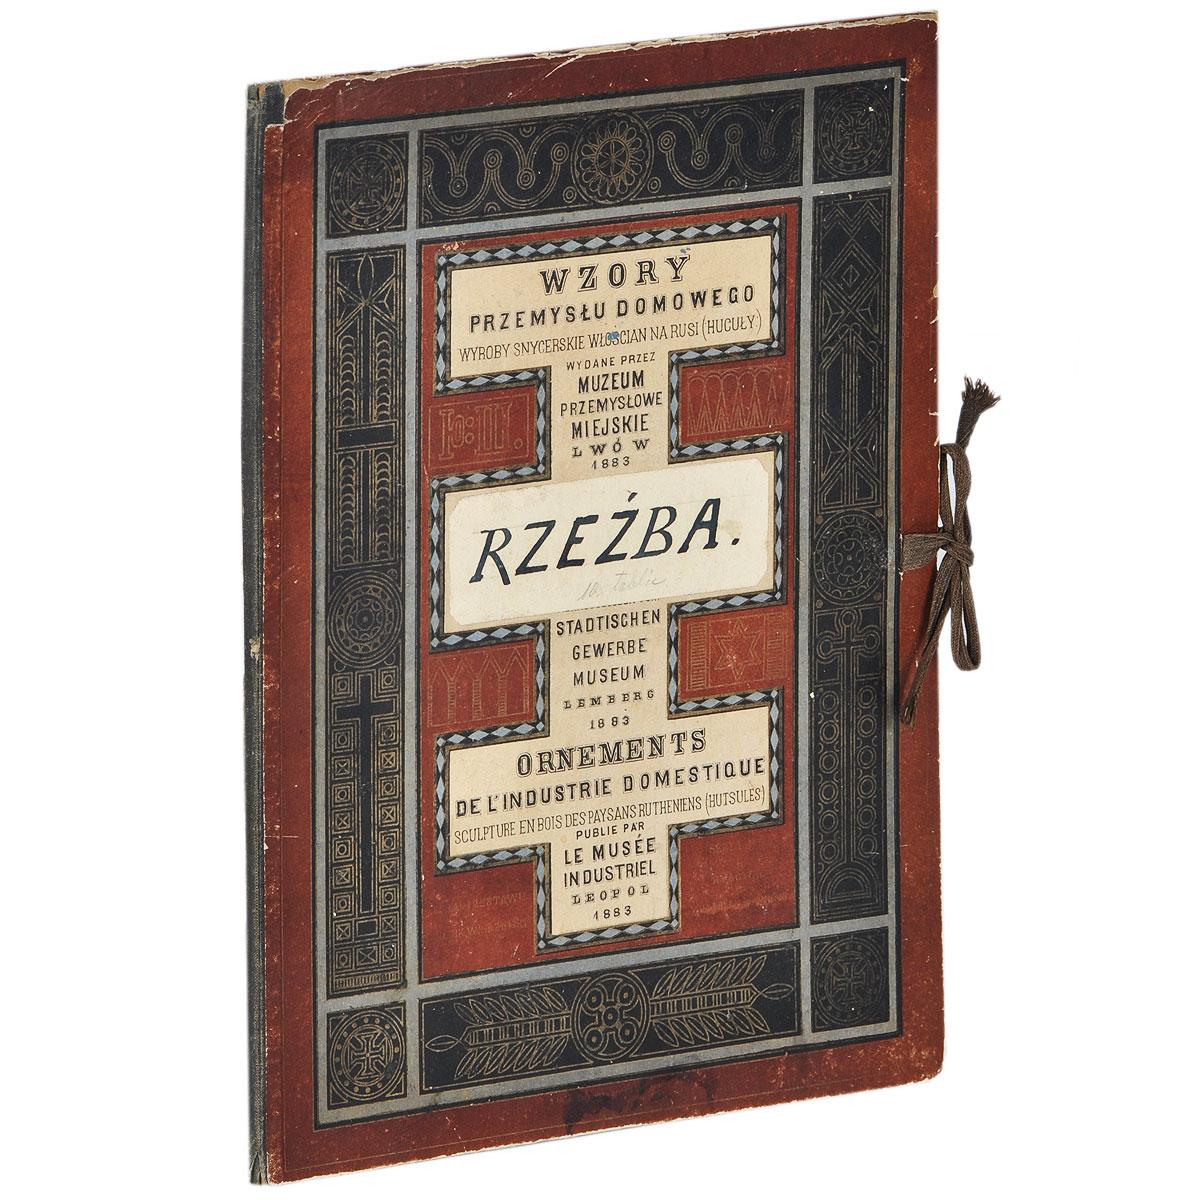 Wzory przemyslu domowego: Rzezba stadtischen Gewerbe Museum.